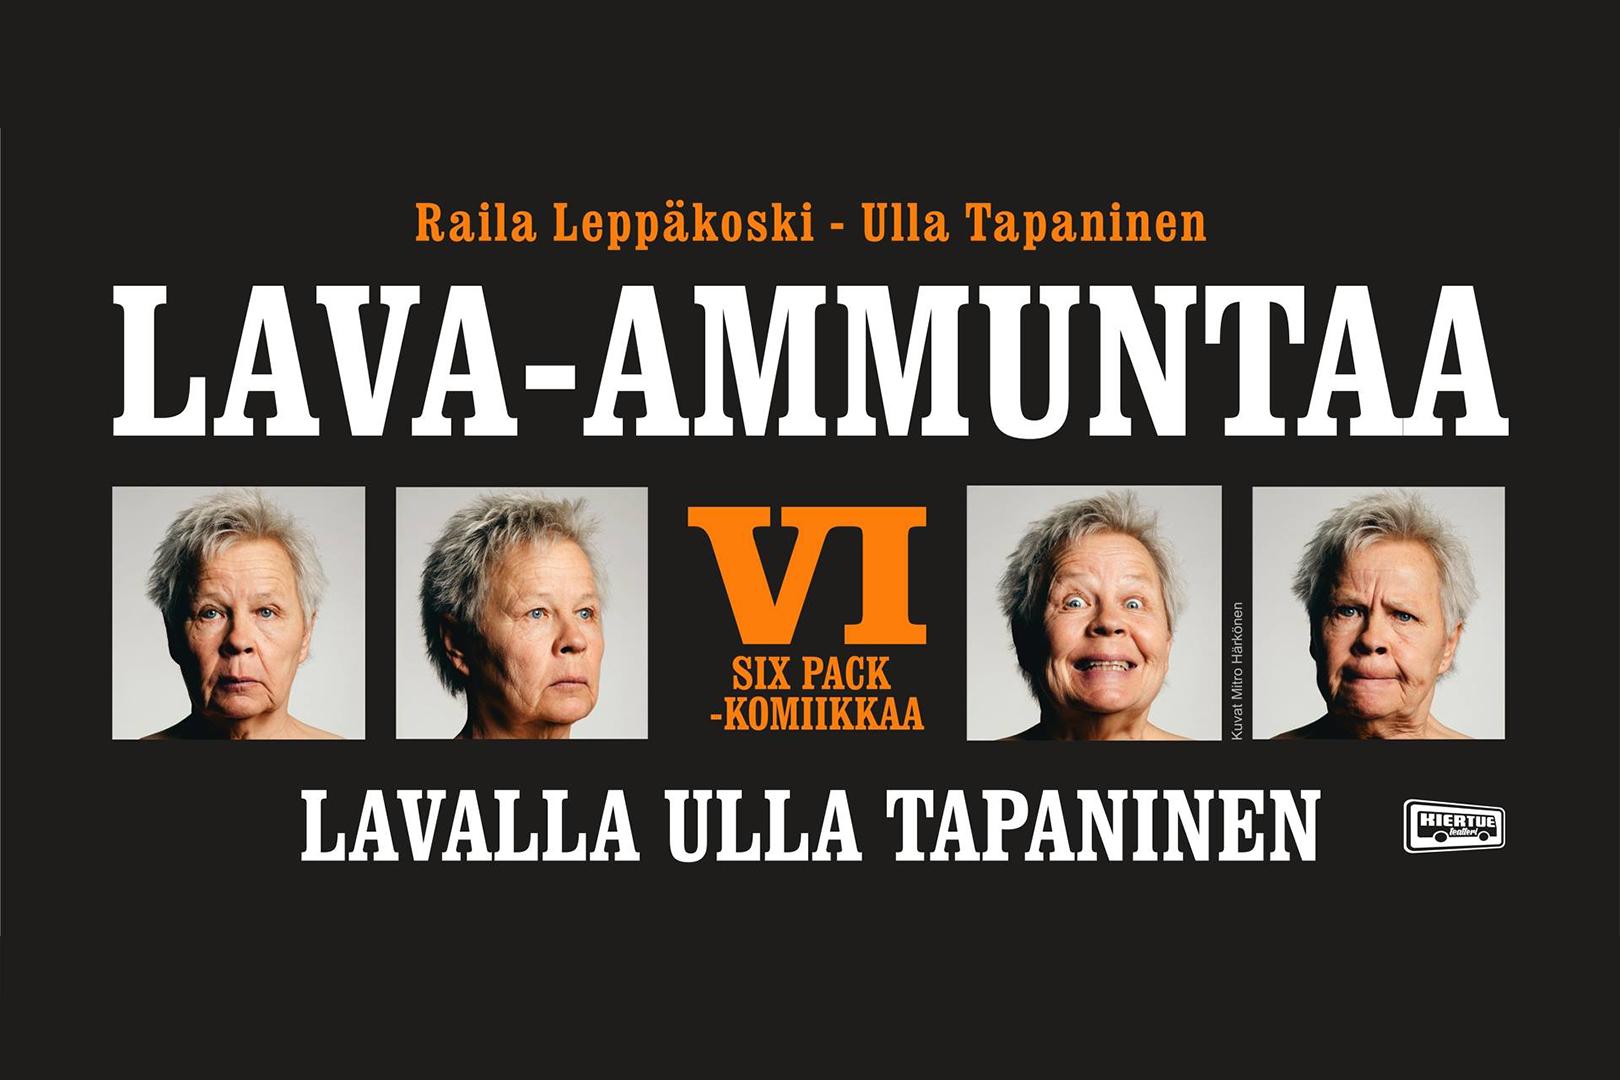 Lava-ammuntaa VI | Vaasan kaupunginteatteri